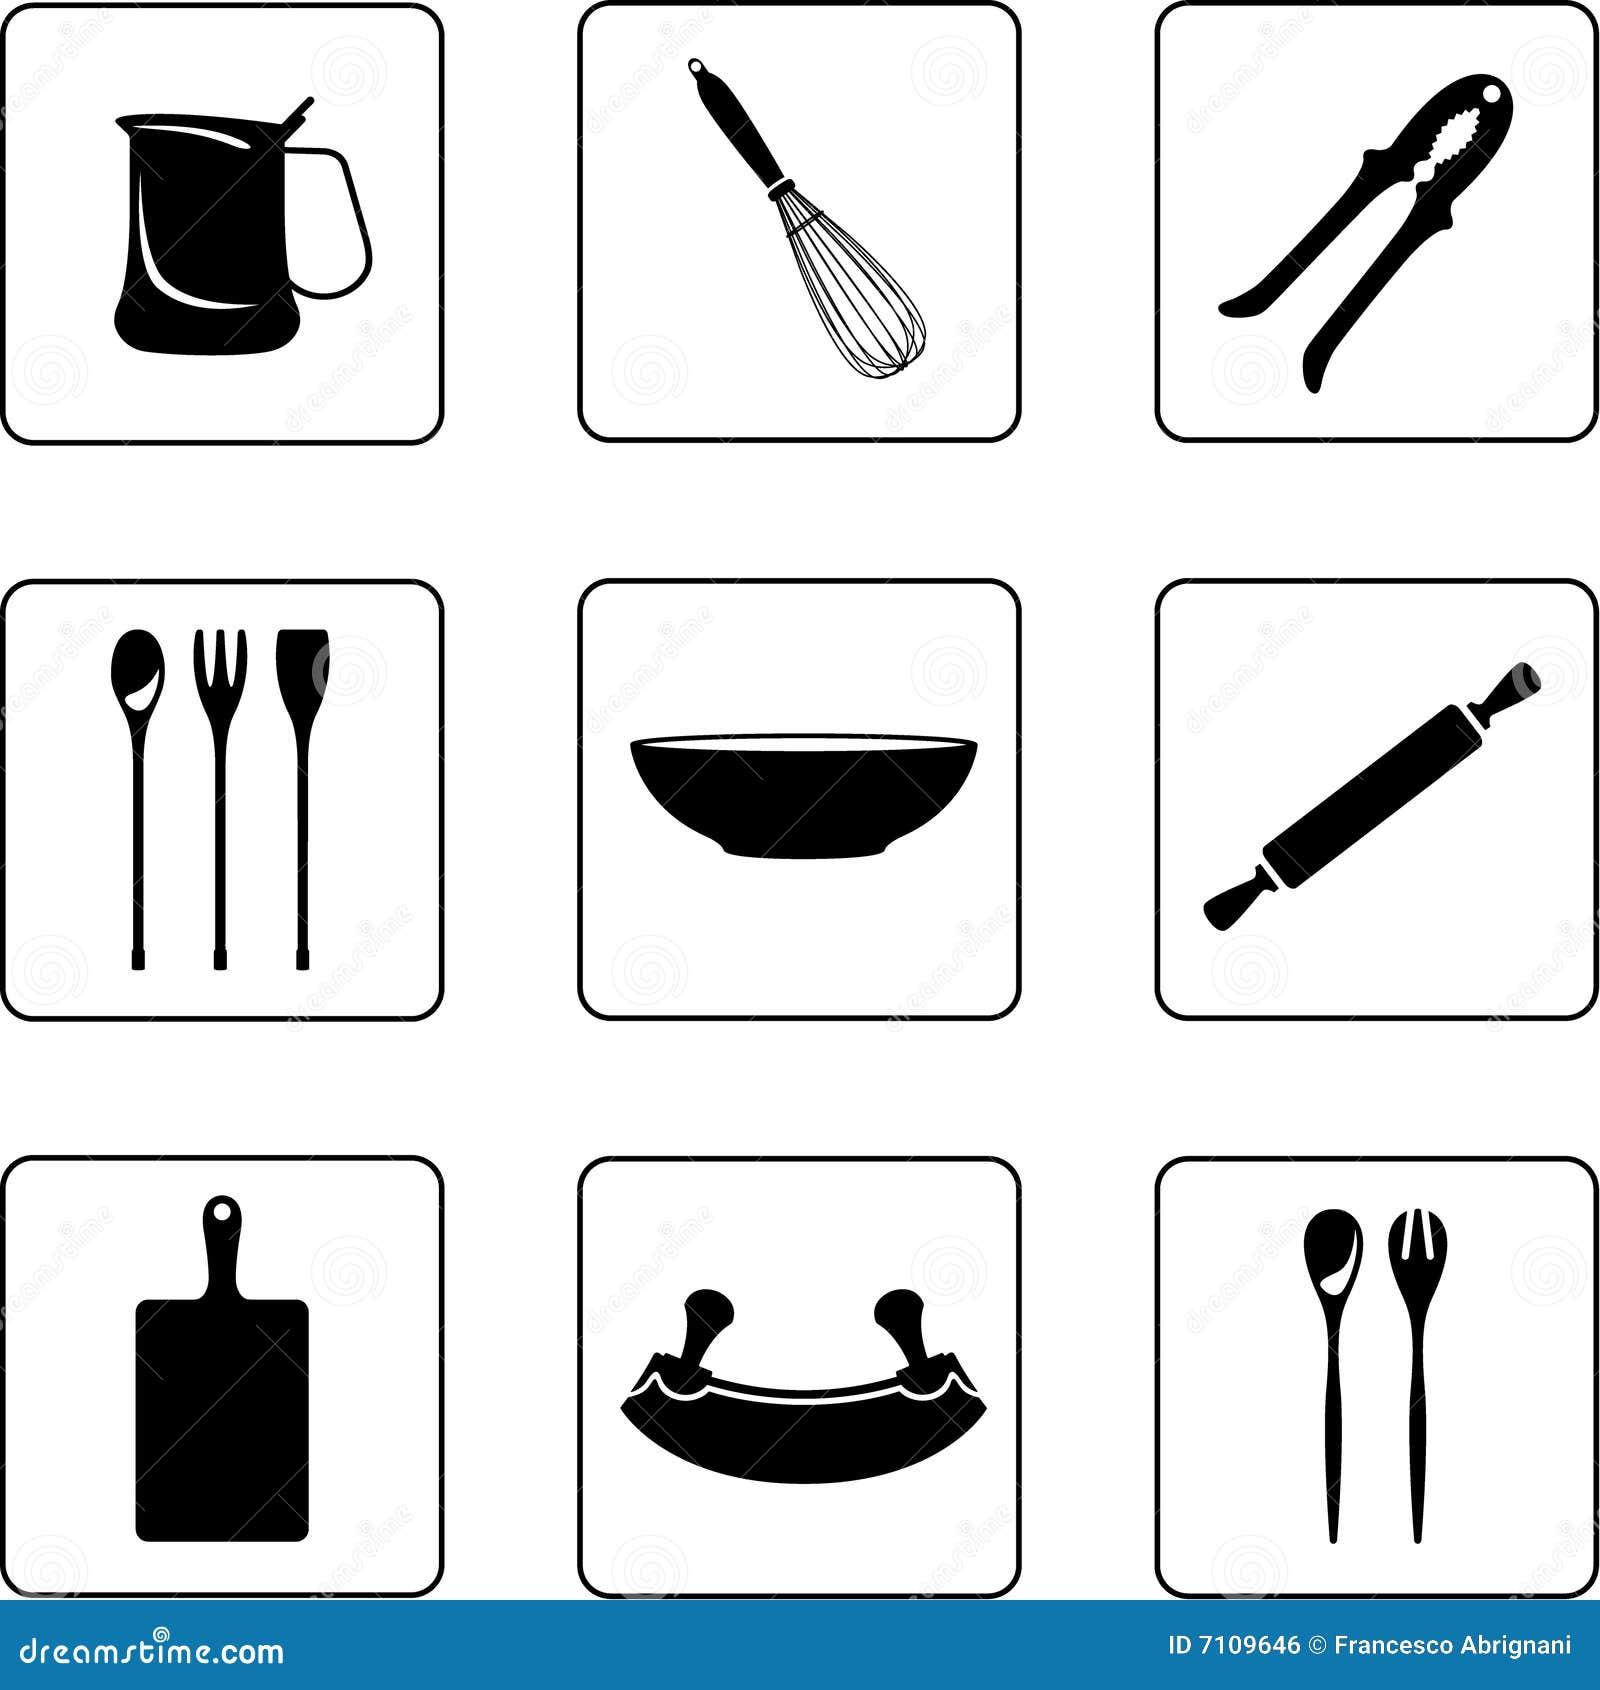 Otros utensilios de cocina imagen de archivo libre de for Utensilios medidores cocina